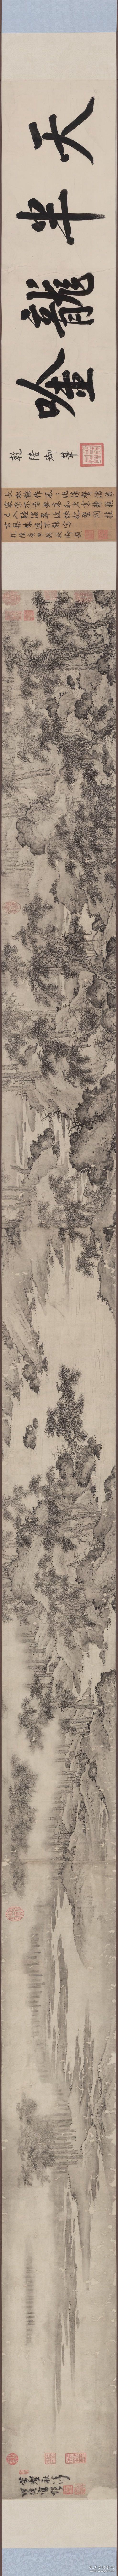 明 何浩 (广东人)万壑秋涛图卷。纸本大小27.78*607.11厘米。宣纸艺术微喷复制。380元包邮